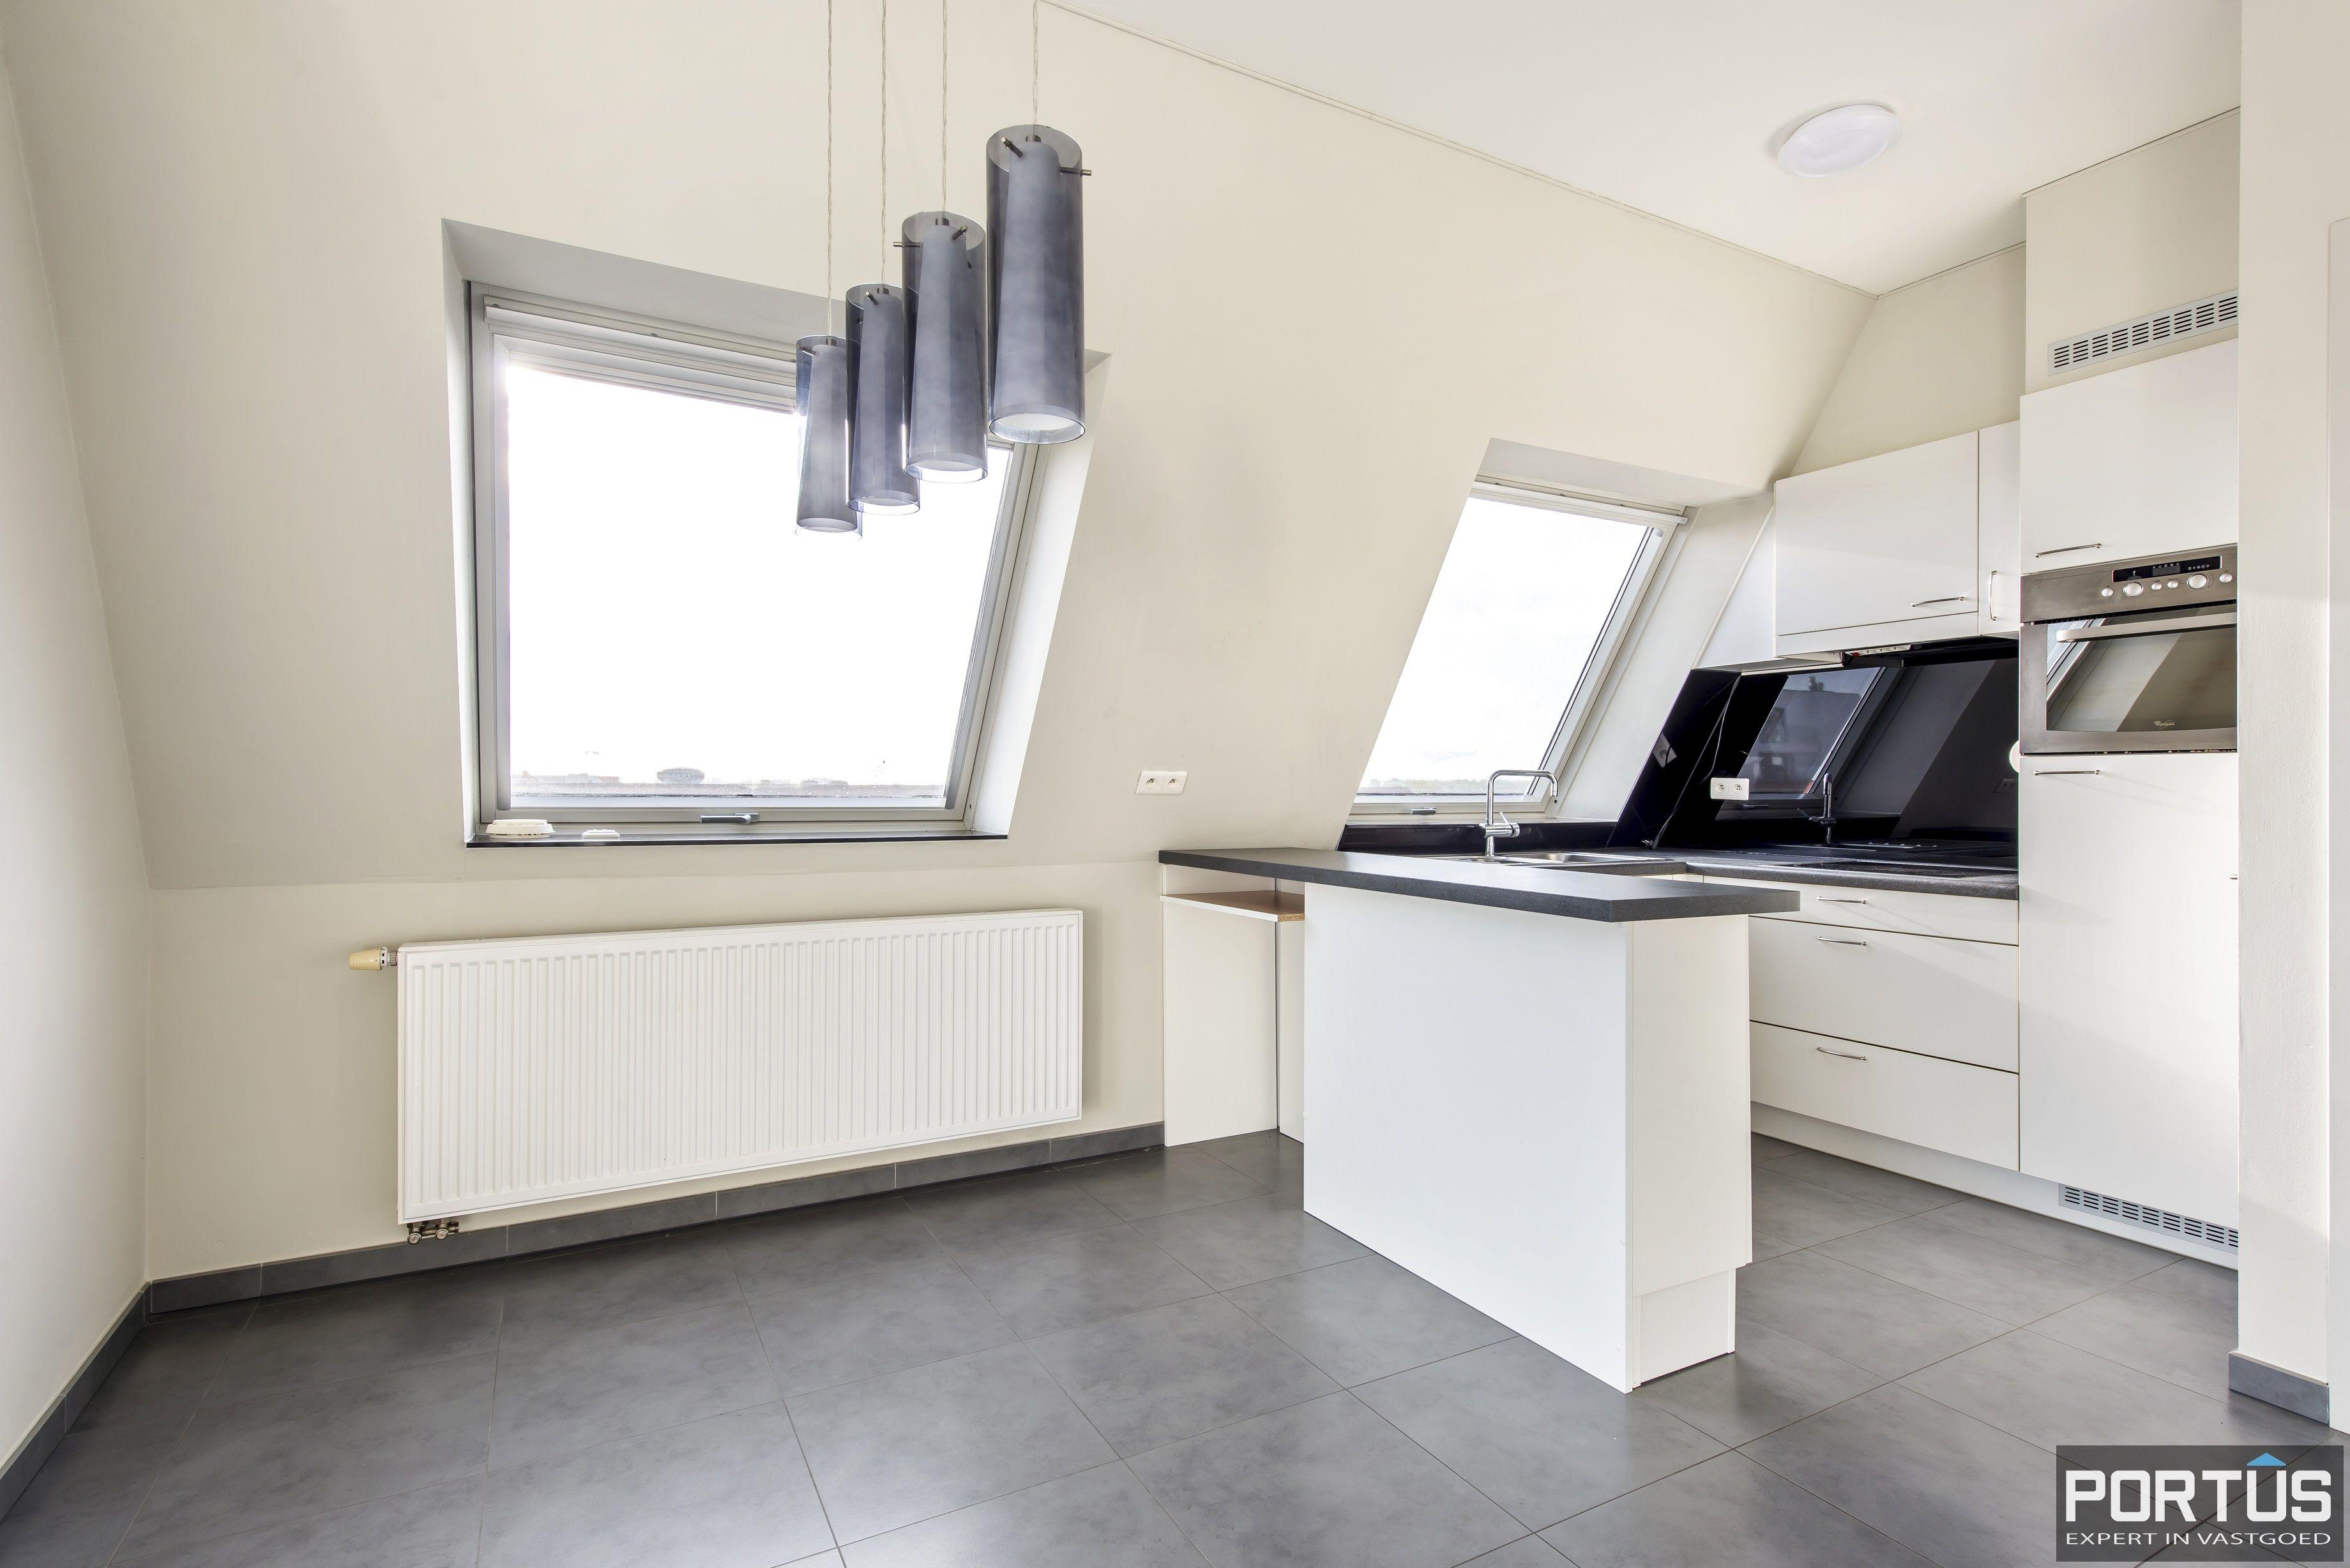 Instapklaar zongericht appartement met 2 slaapkamers te koop in Nieuwpoort - 10019